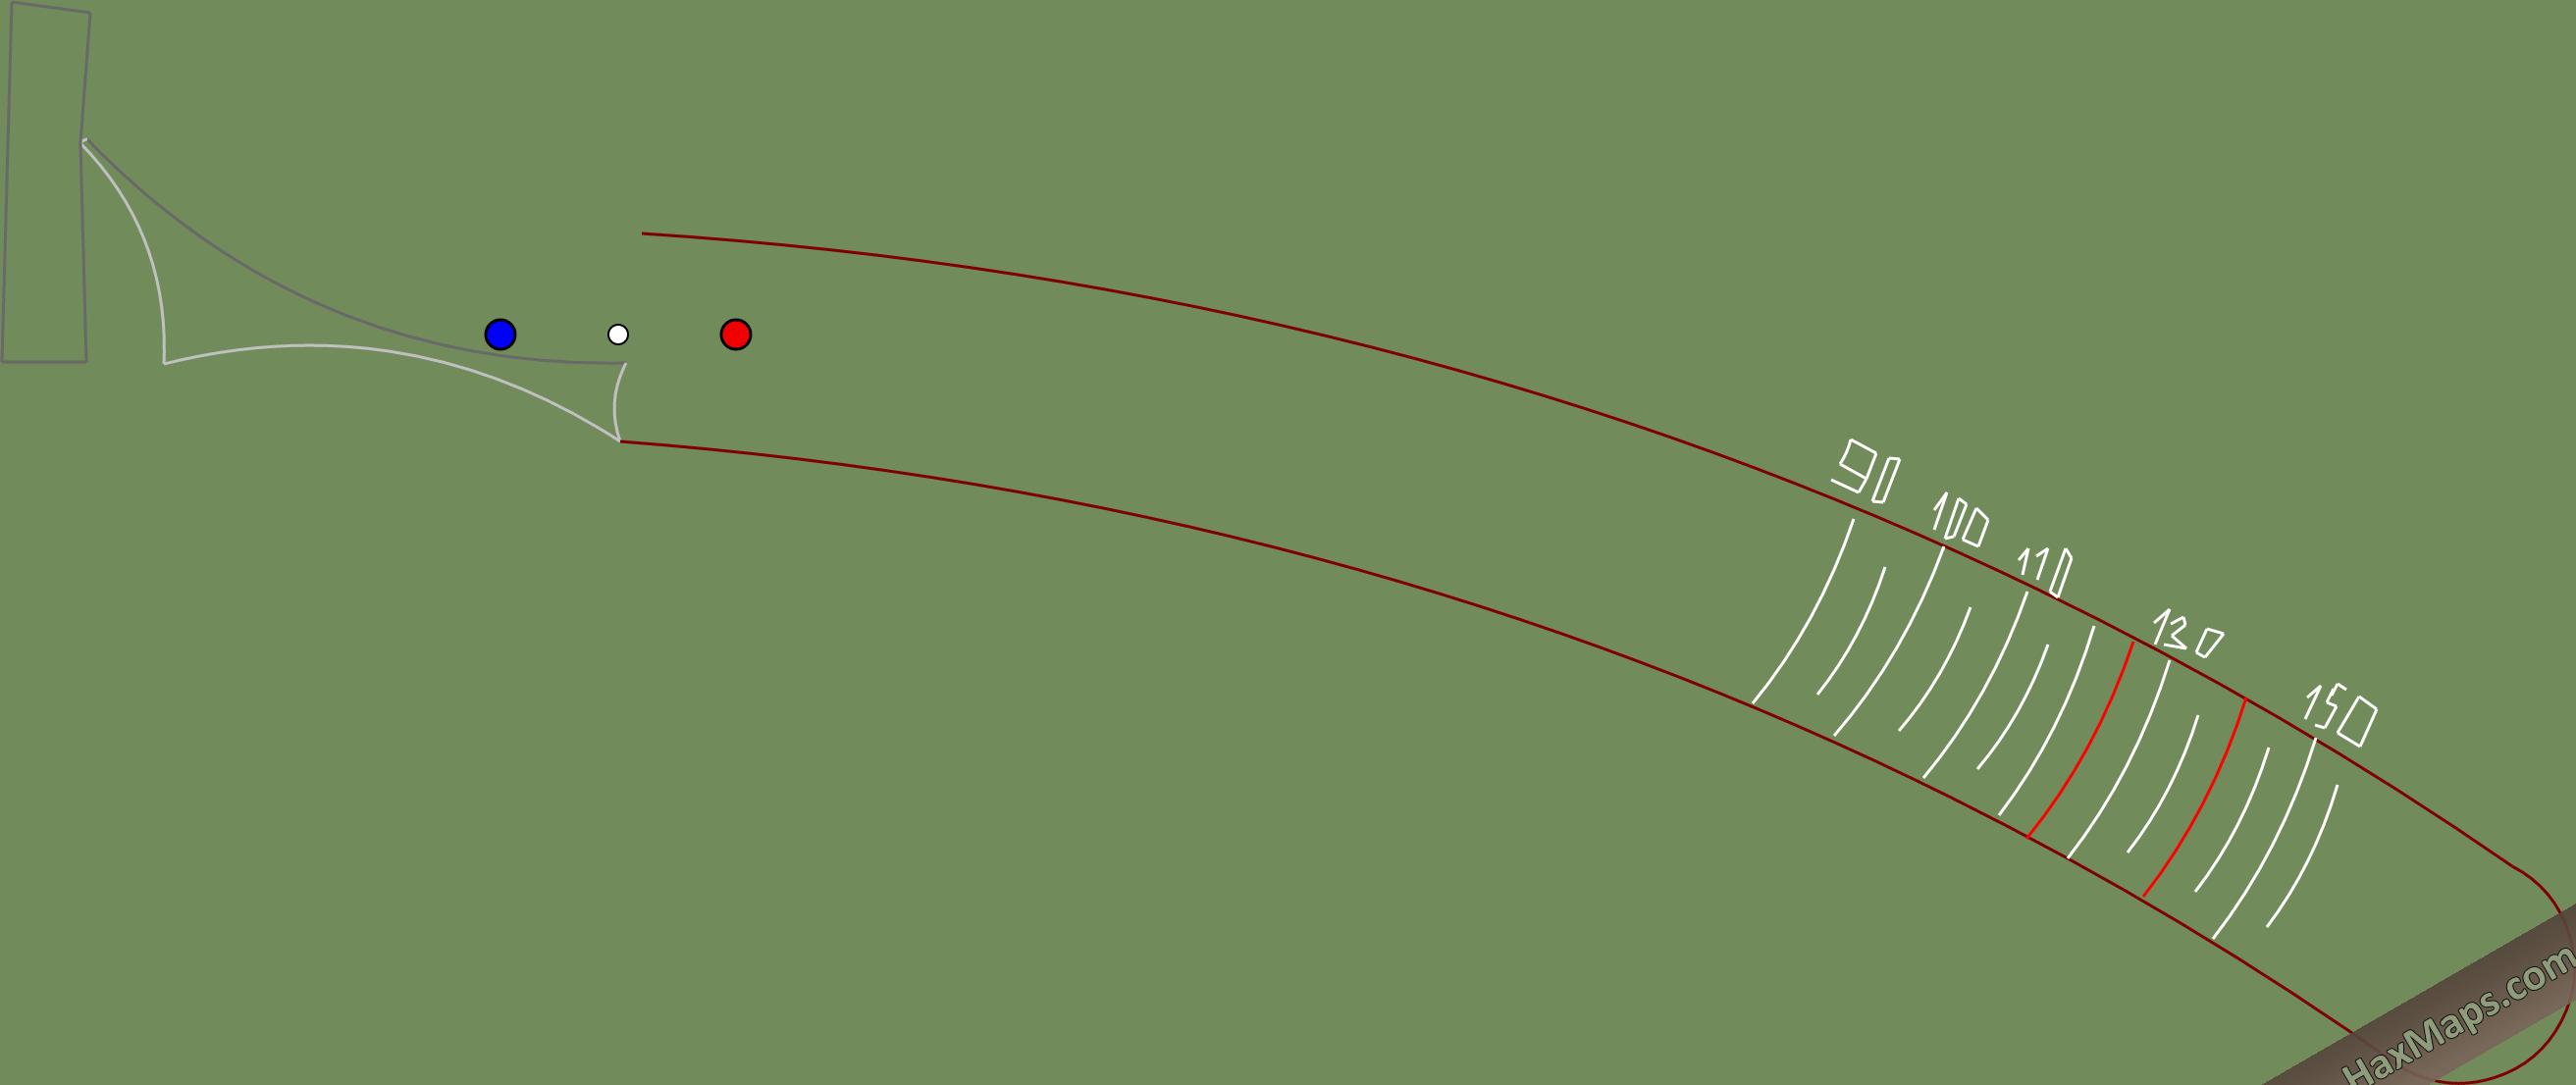 hax ball maps | Bischofscofen HS 140 by W